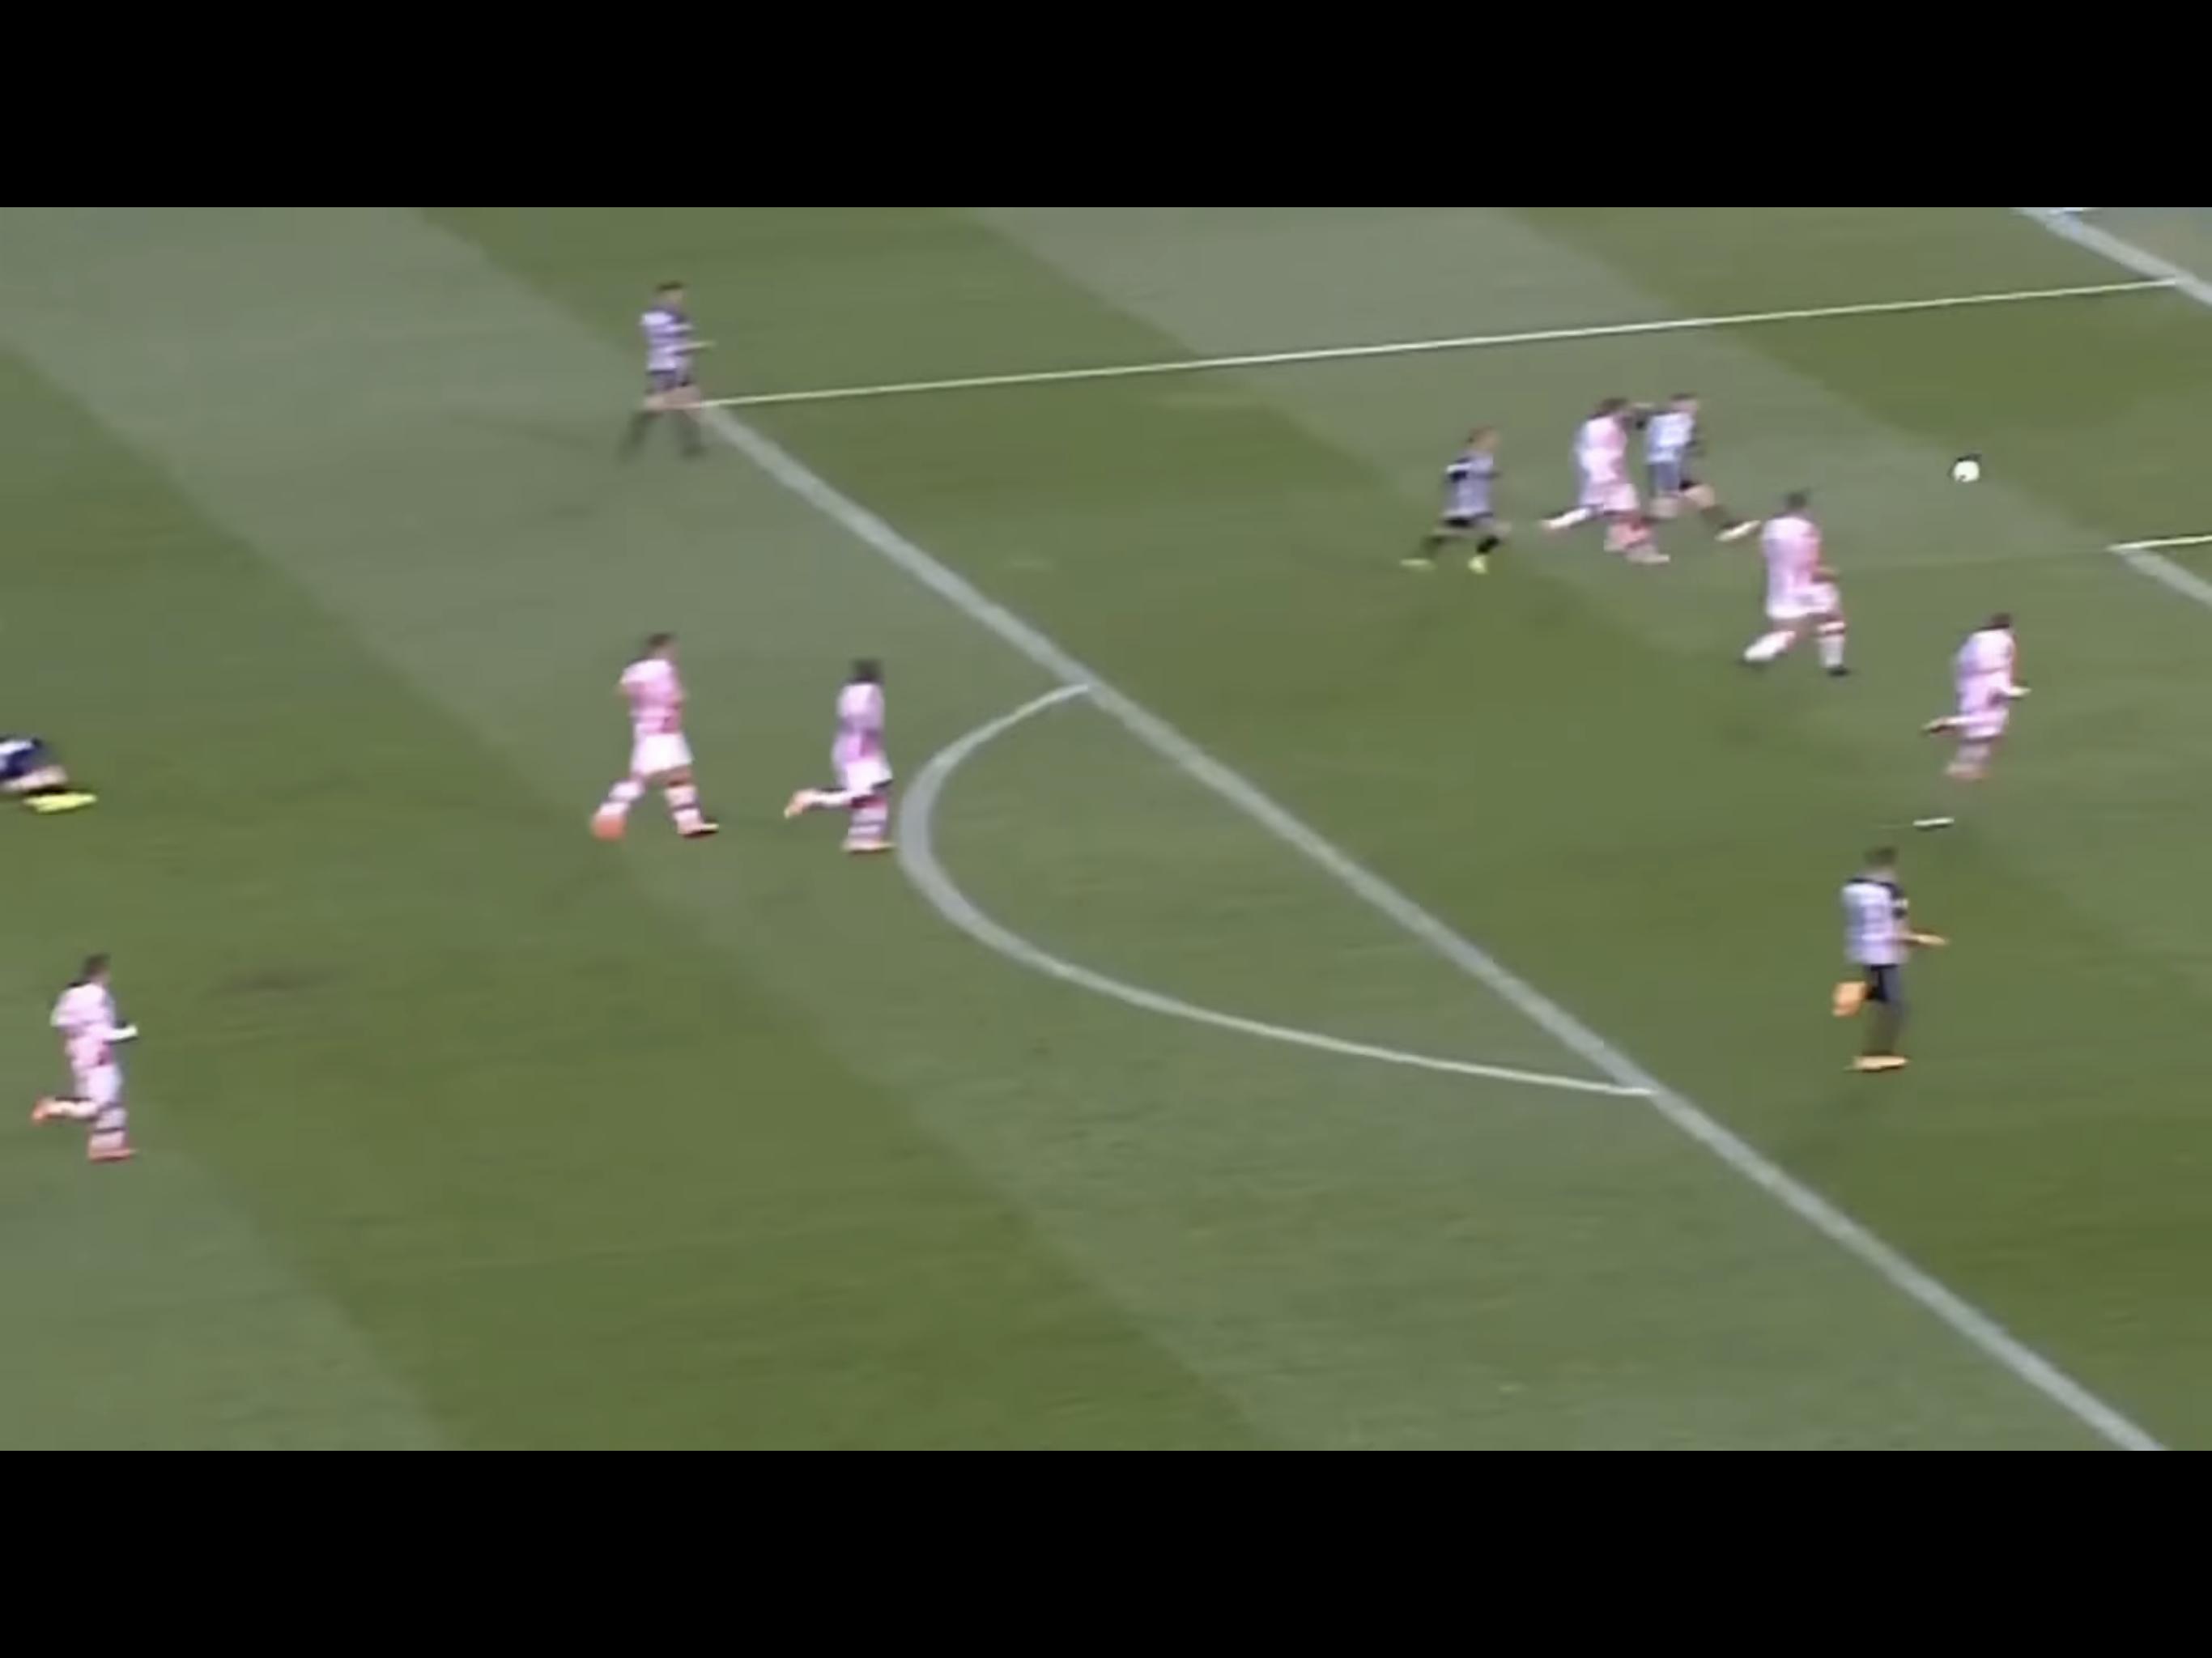 TV Izveštaj: Crvena zvezda-Partizan 1:0. Sjajna asistencija Stanojevića za pobedu Crvene zvezde (VIDEO)